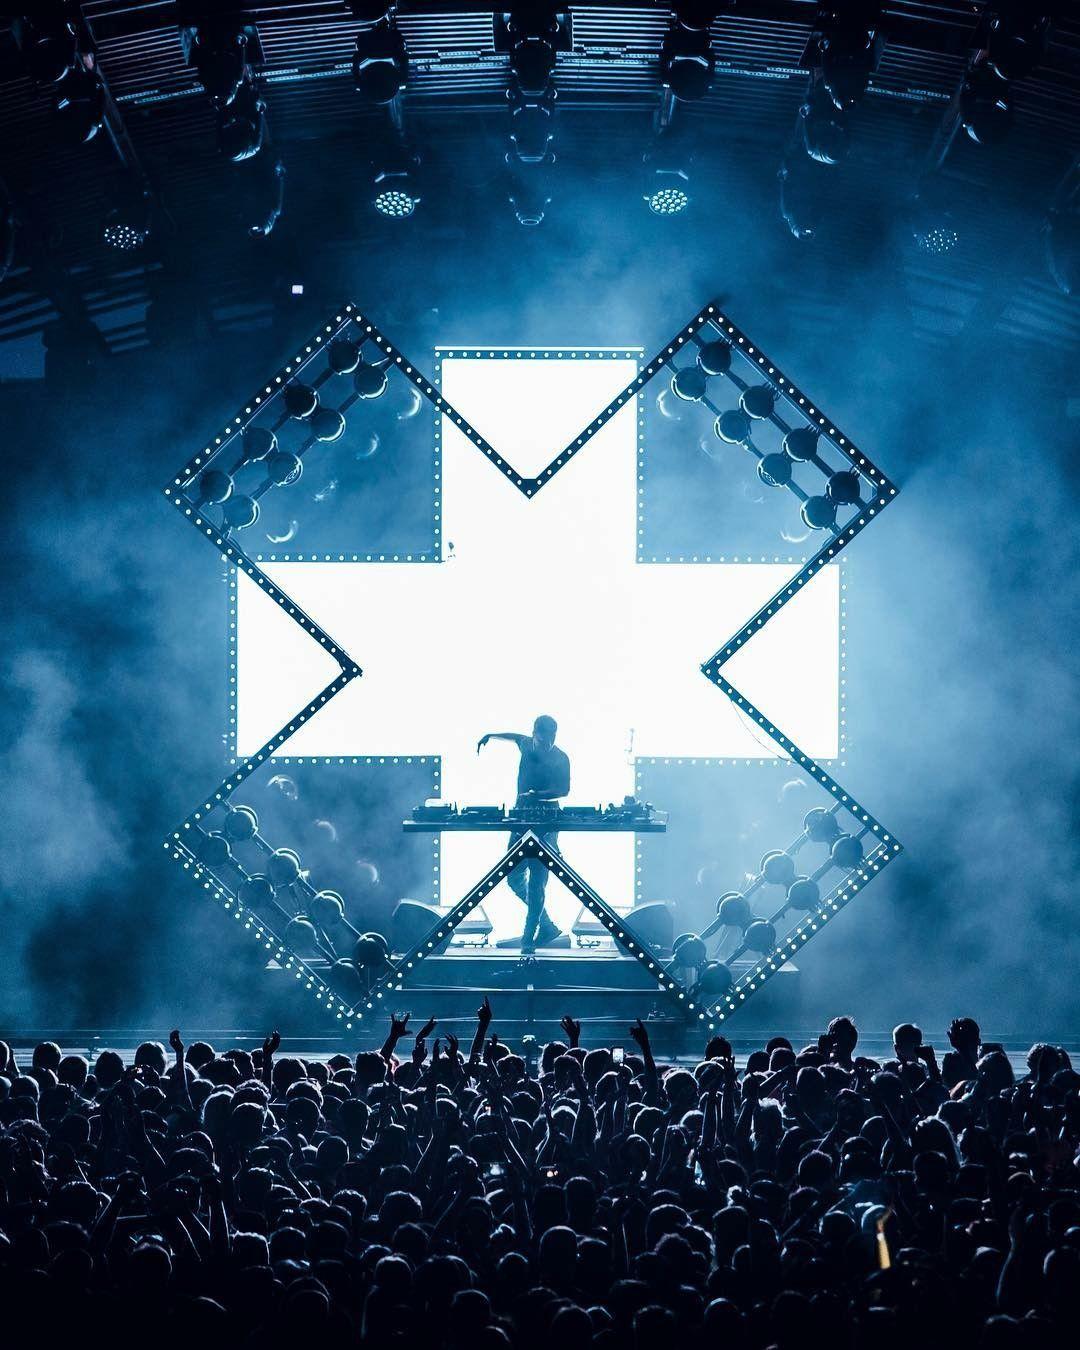 Martin Garrix In 2019 Concert Stage Design